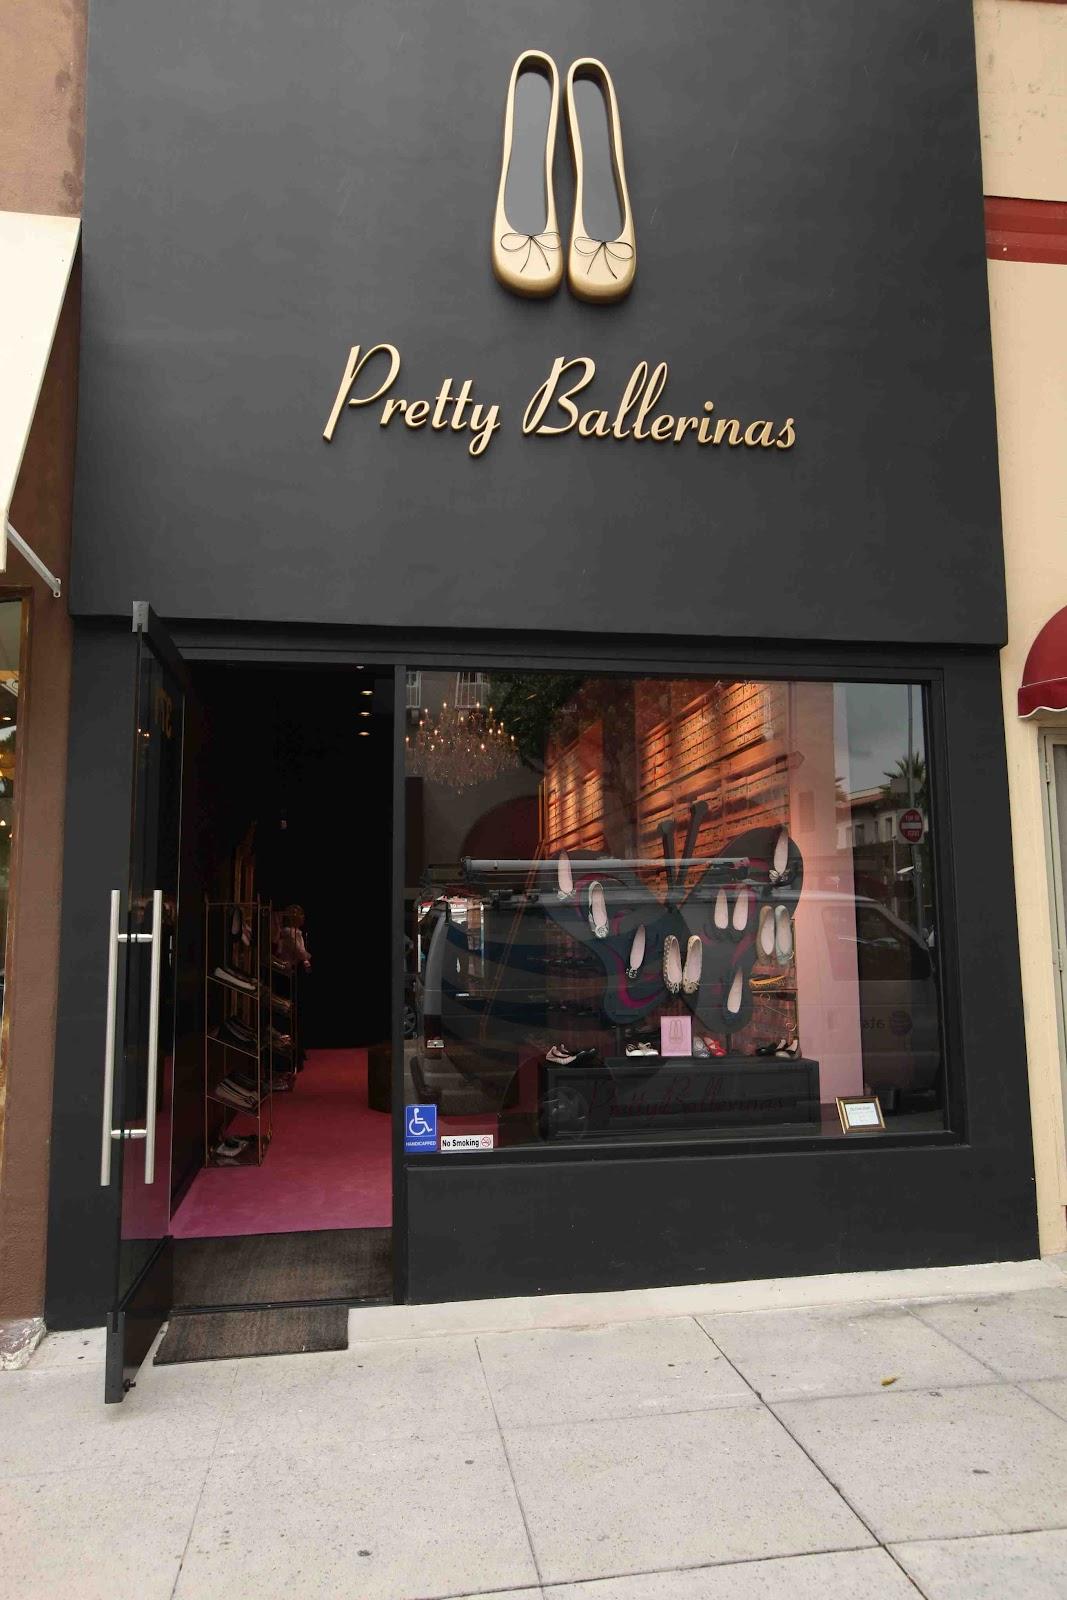 http://1.bp.blogspot.com/-FBCsL9QwQpw/T5g-WOW8ZNI/AAAAAAAAE1k/ArnR7NZF_MI/s1600/PrettyBallerinas+Store+LA+FOTO+1.jpg